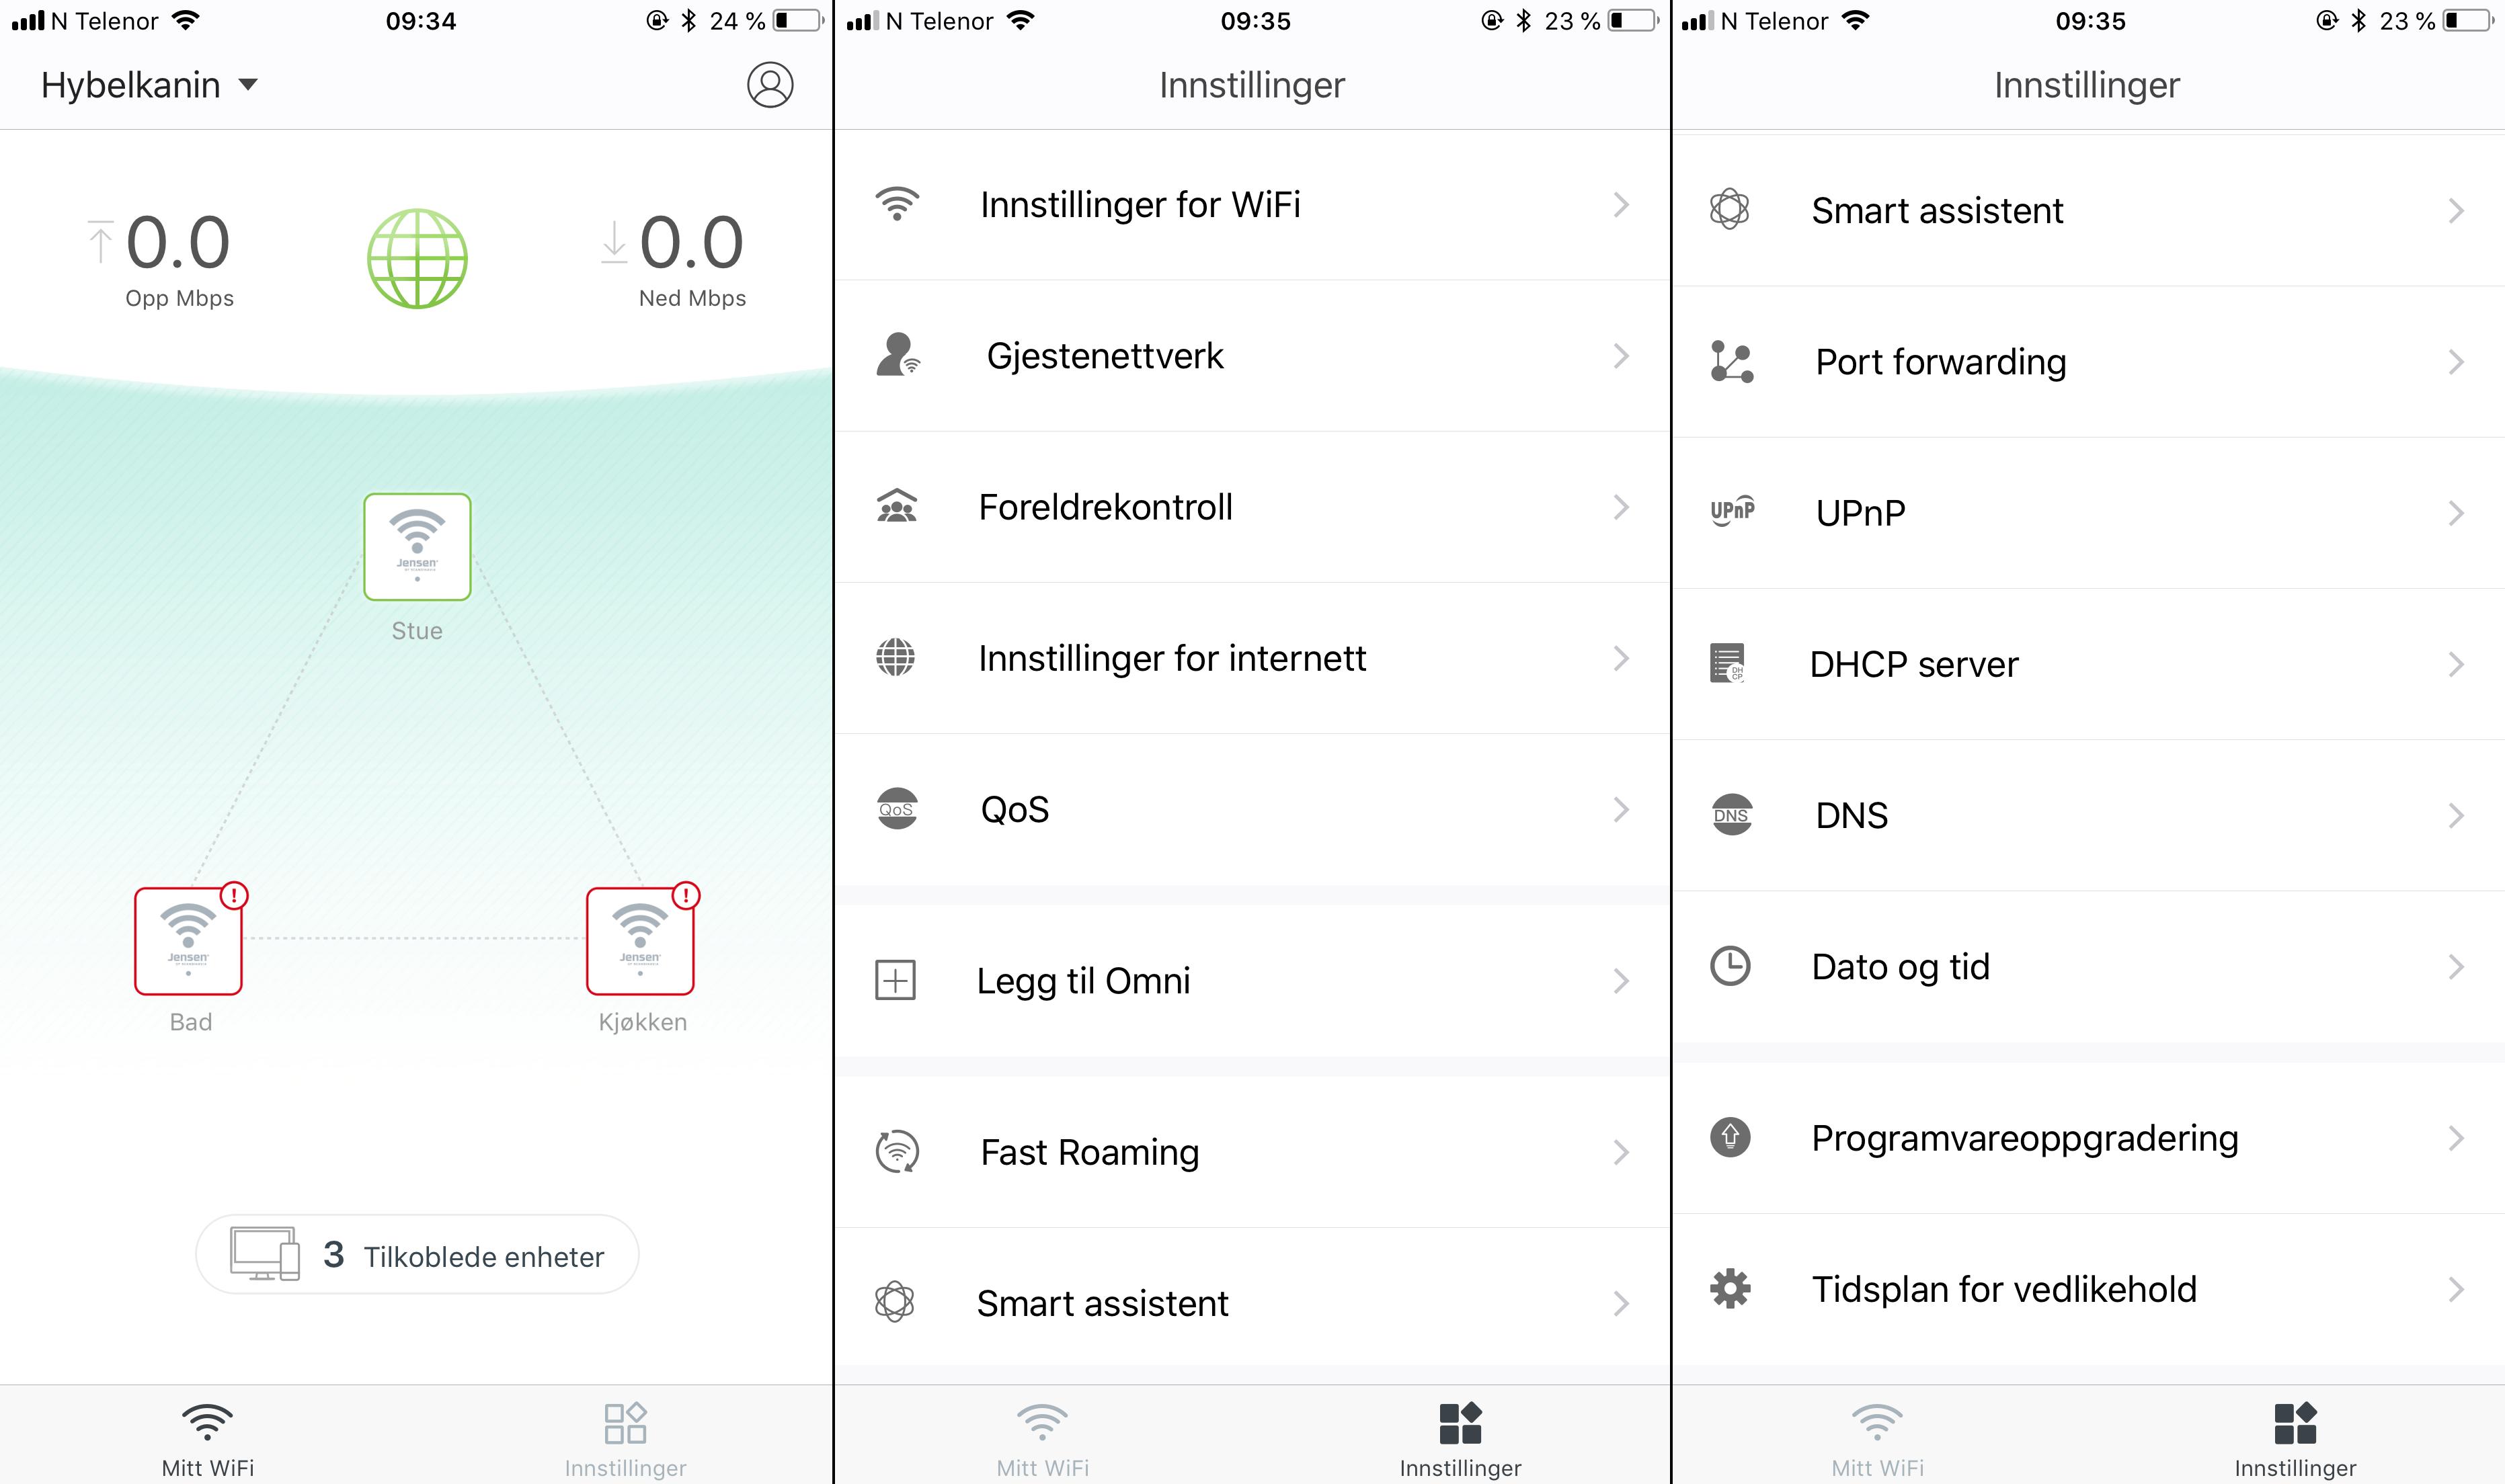 Omni-appen er rimelig enkel og brukervennlig, men har fortsatt tilgang til en del mer eller mindre avanserte funksjoner.